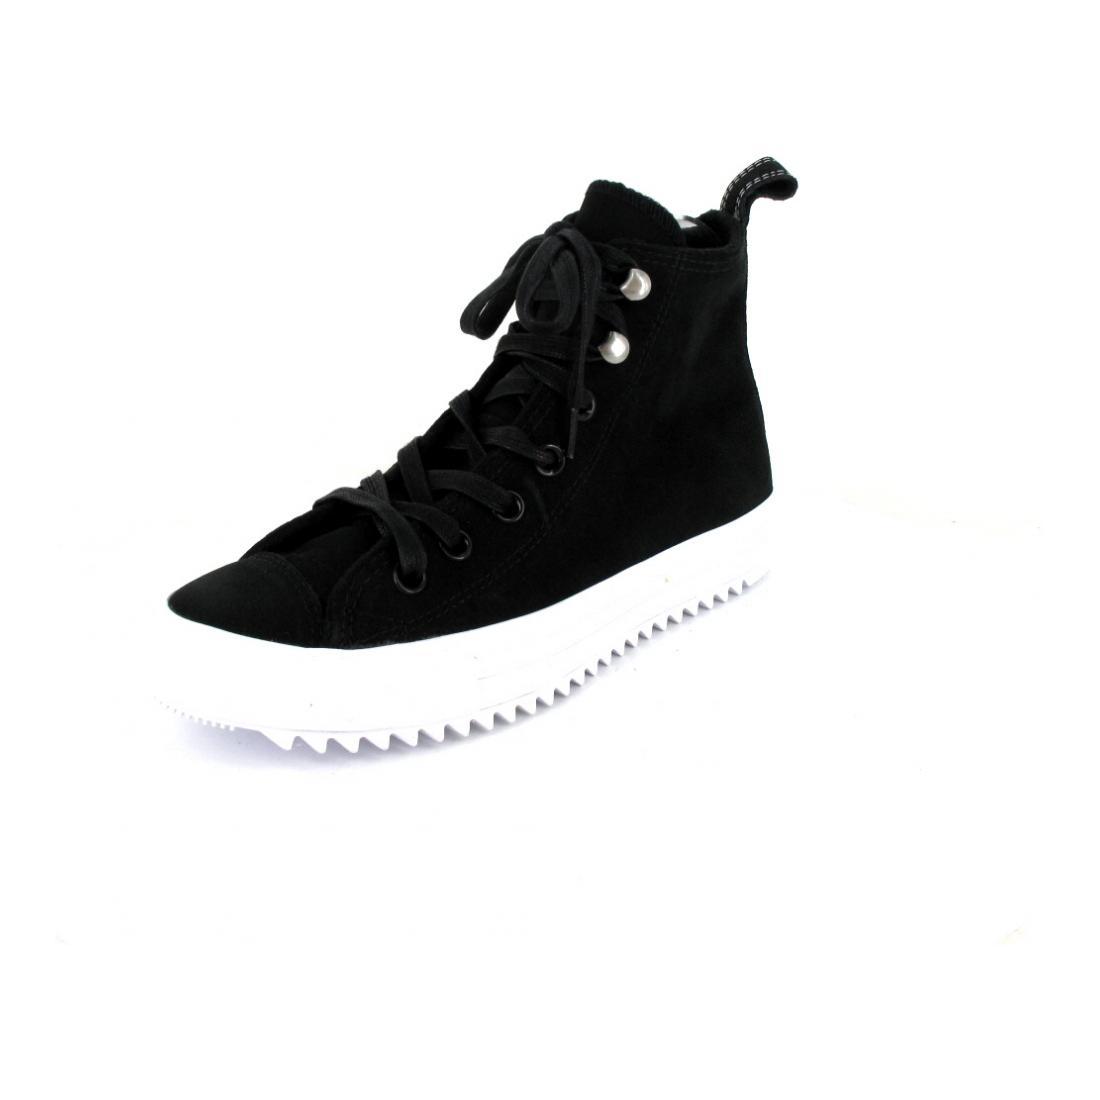 Converse Sneaker high CTAS Hiker